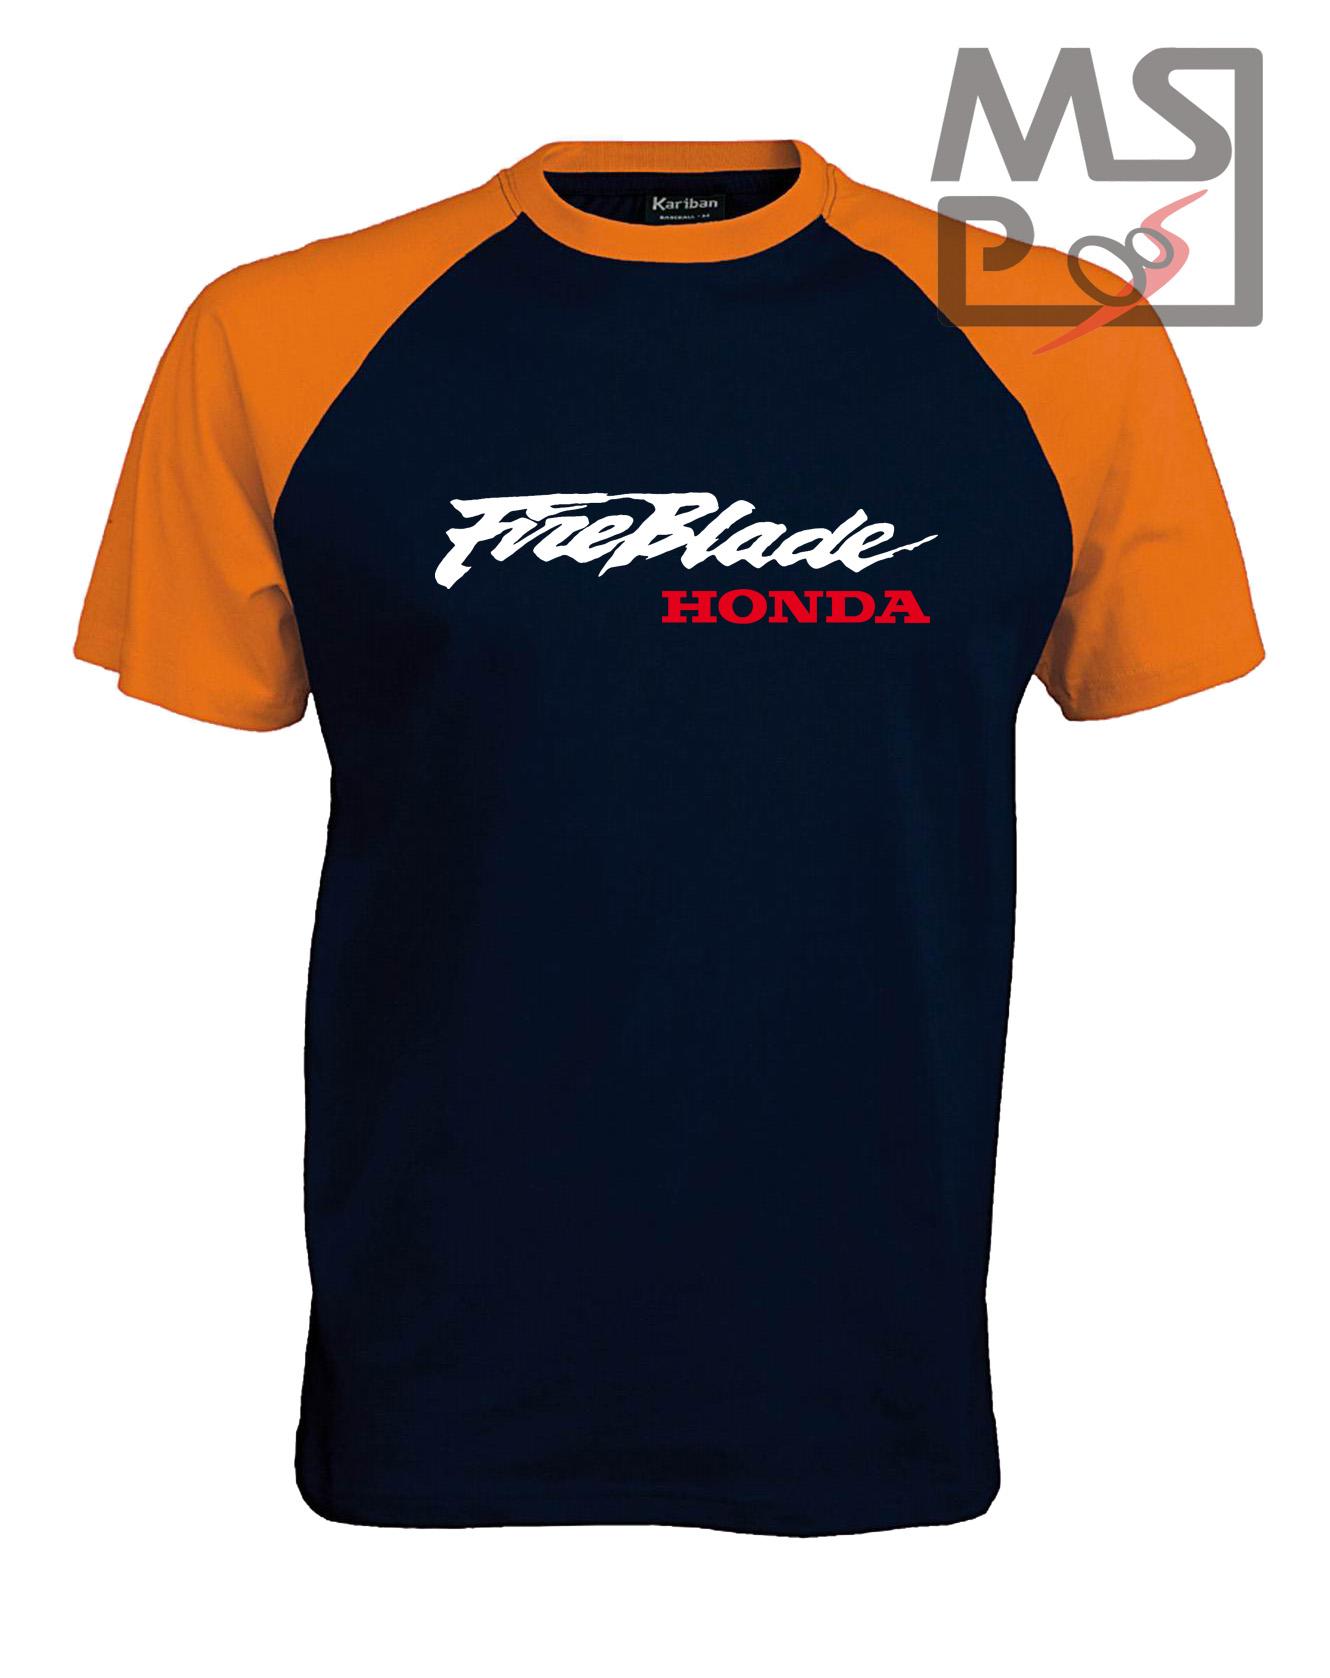 Pánske tričko s moto motívom Honda Fireblade